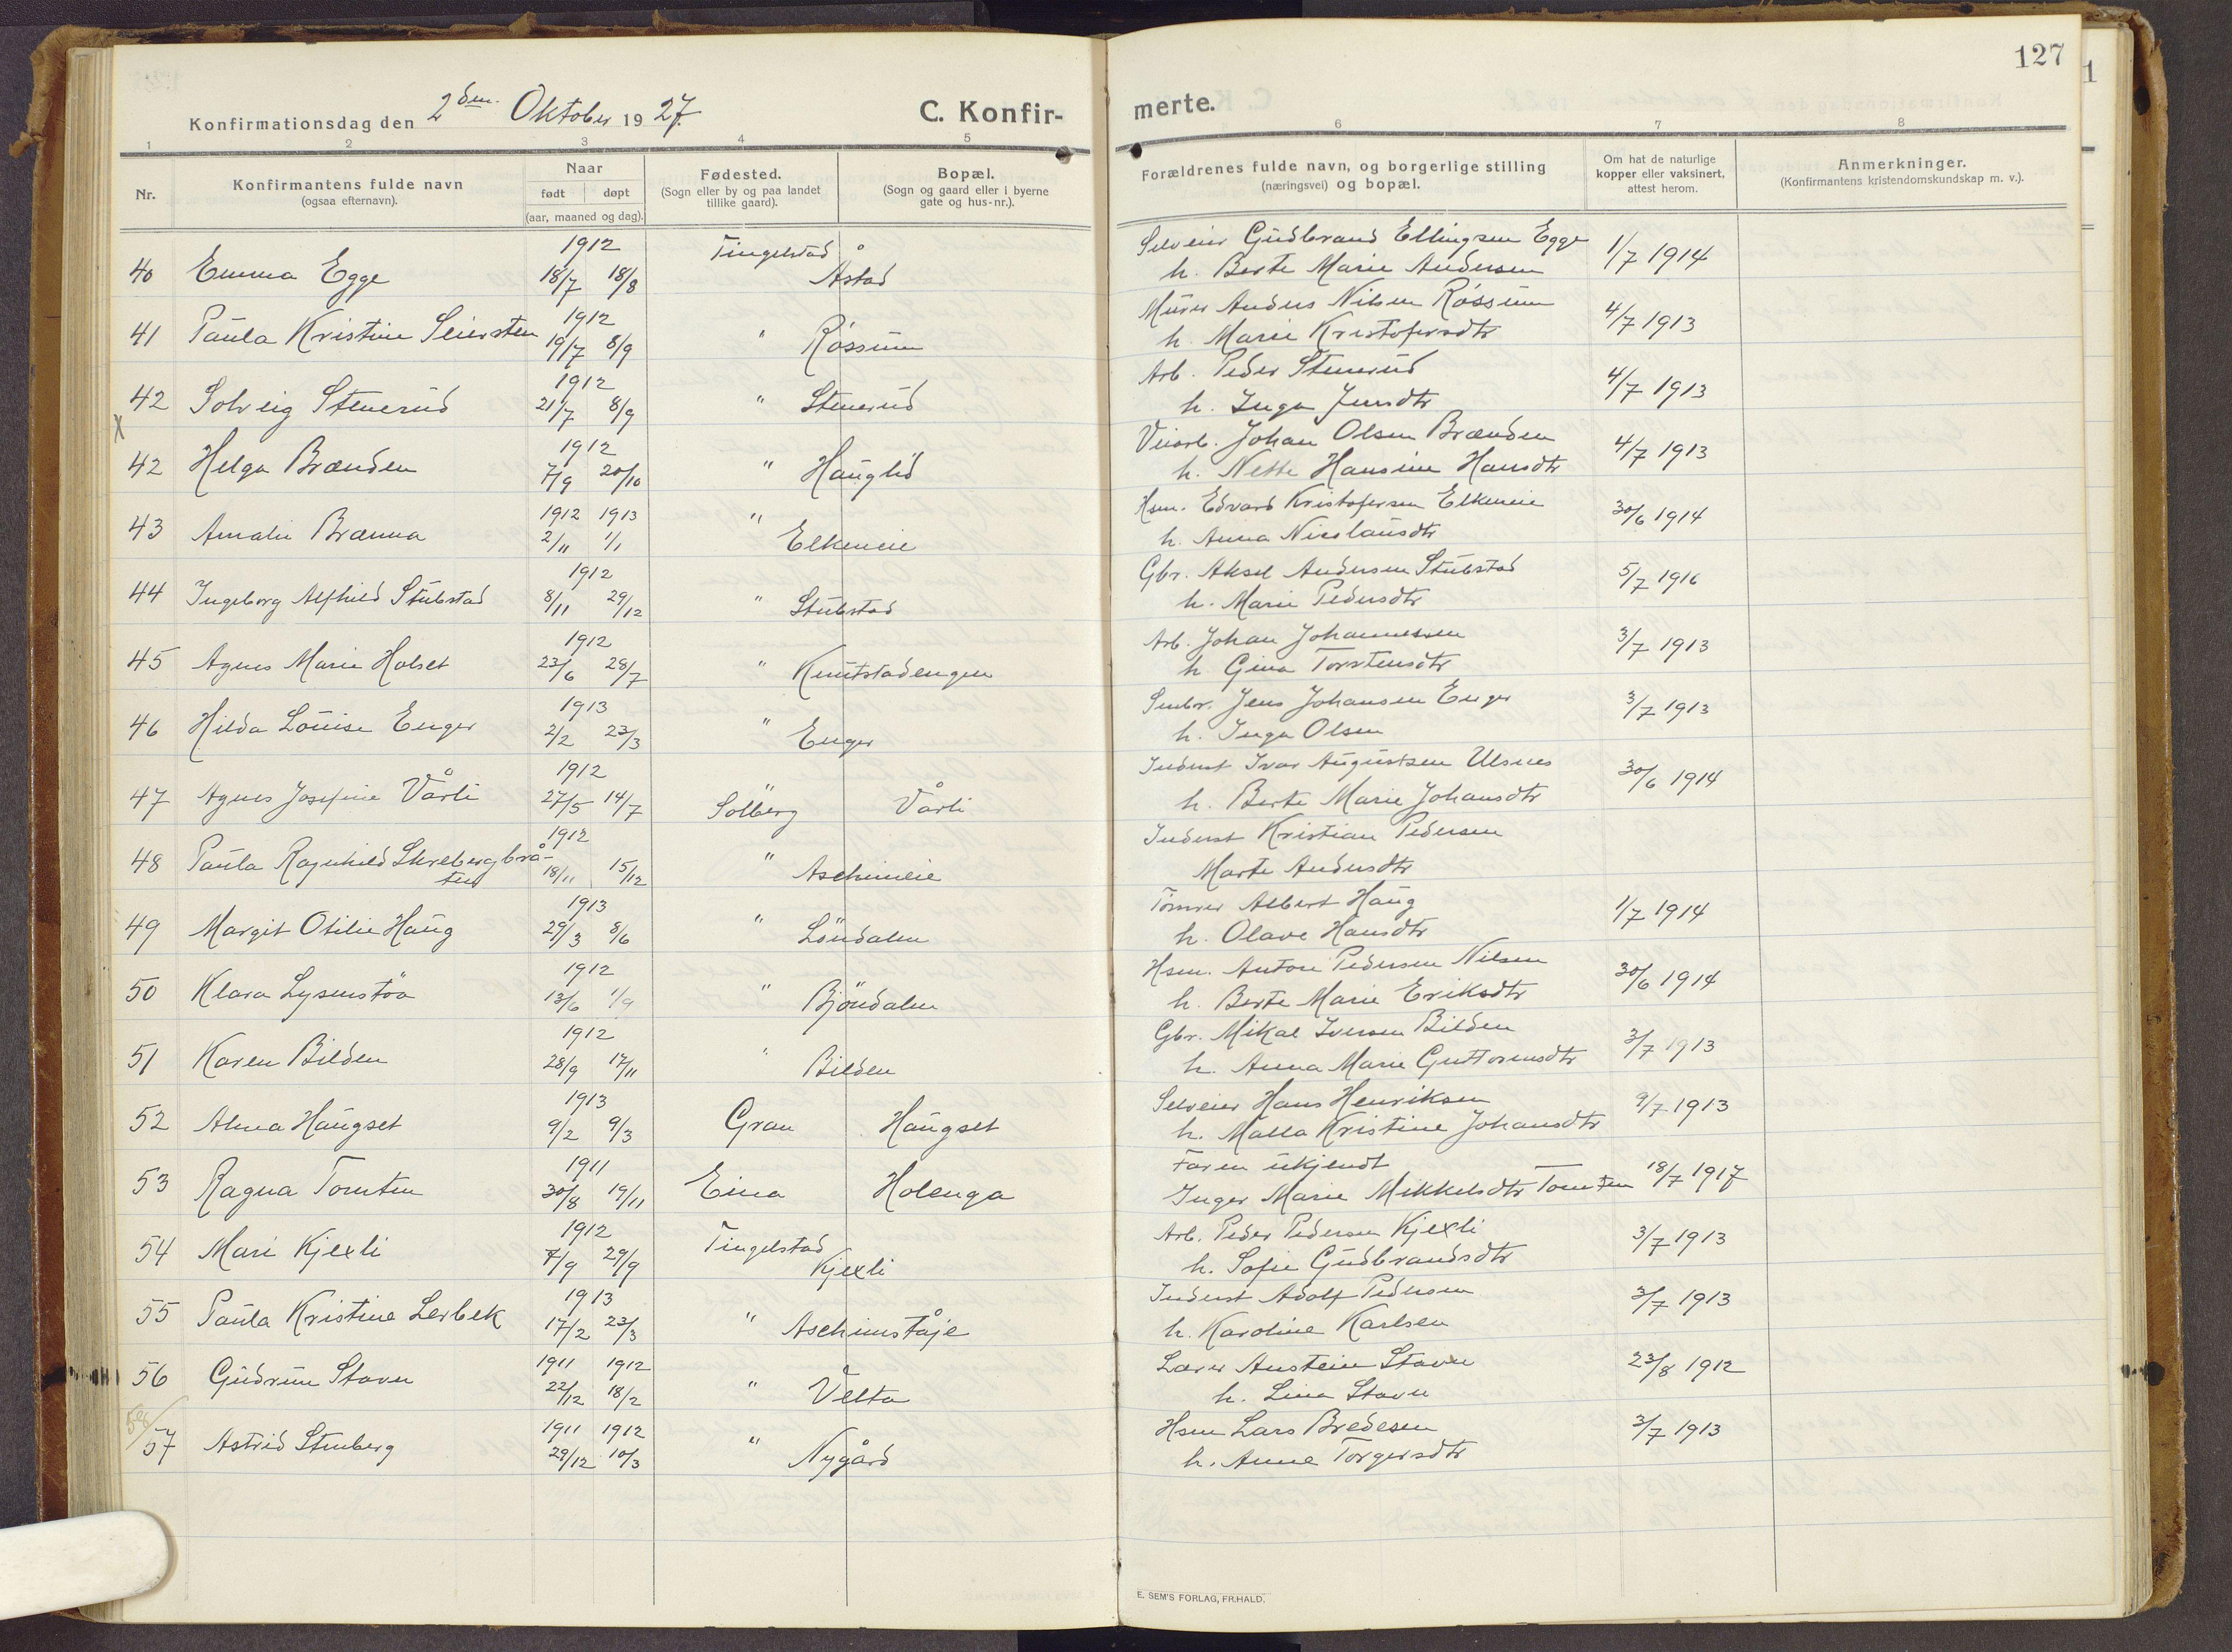 SAH, Brandbu prestekontor, Ministerialbok nr. 3, 1914-1928, s. 127